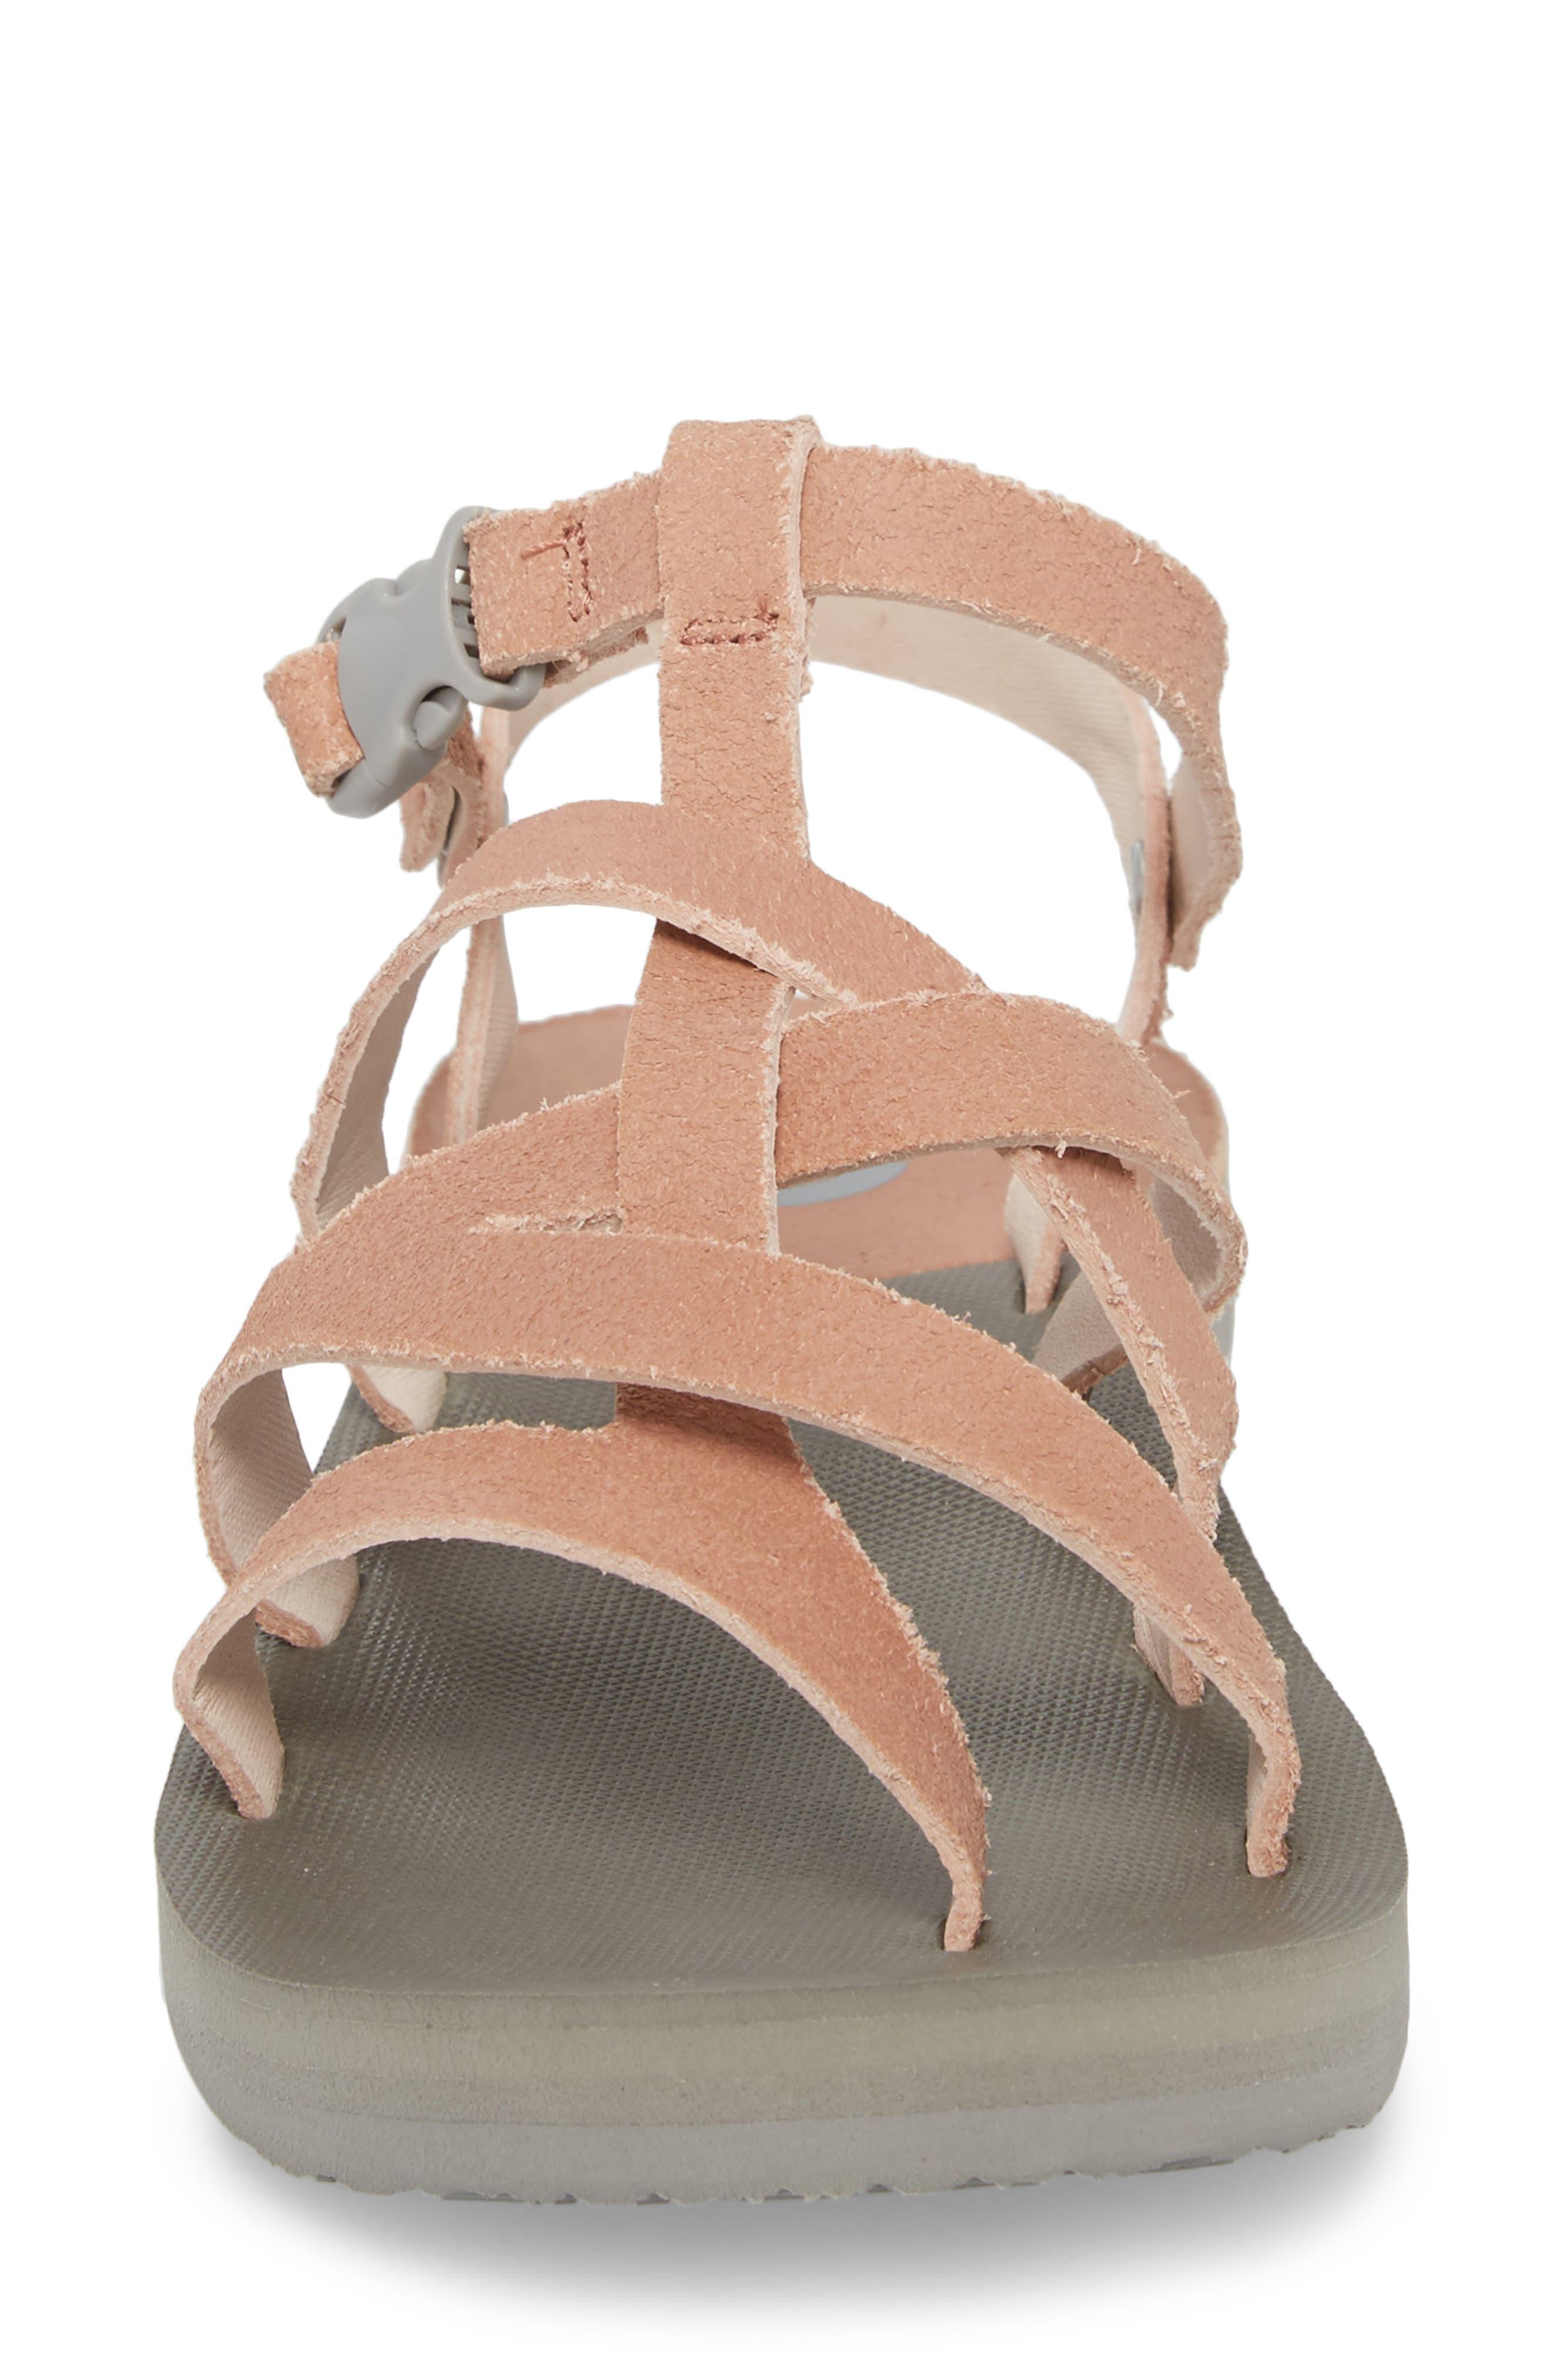 Base Camp Plus II Gladiator Sandal,                             Alternate thumbnail 4, color,                             Evening Sand Pink/ Foil Grey